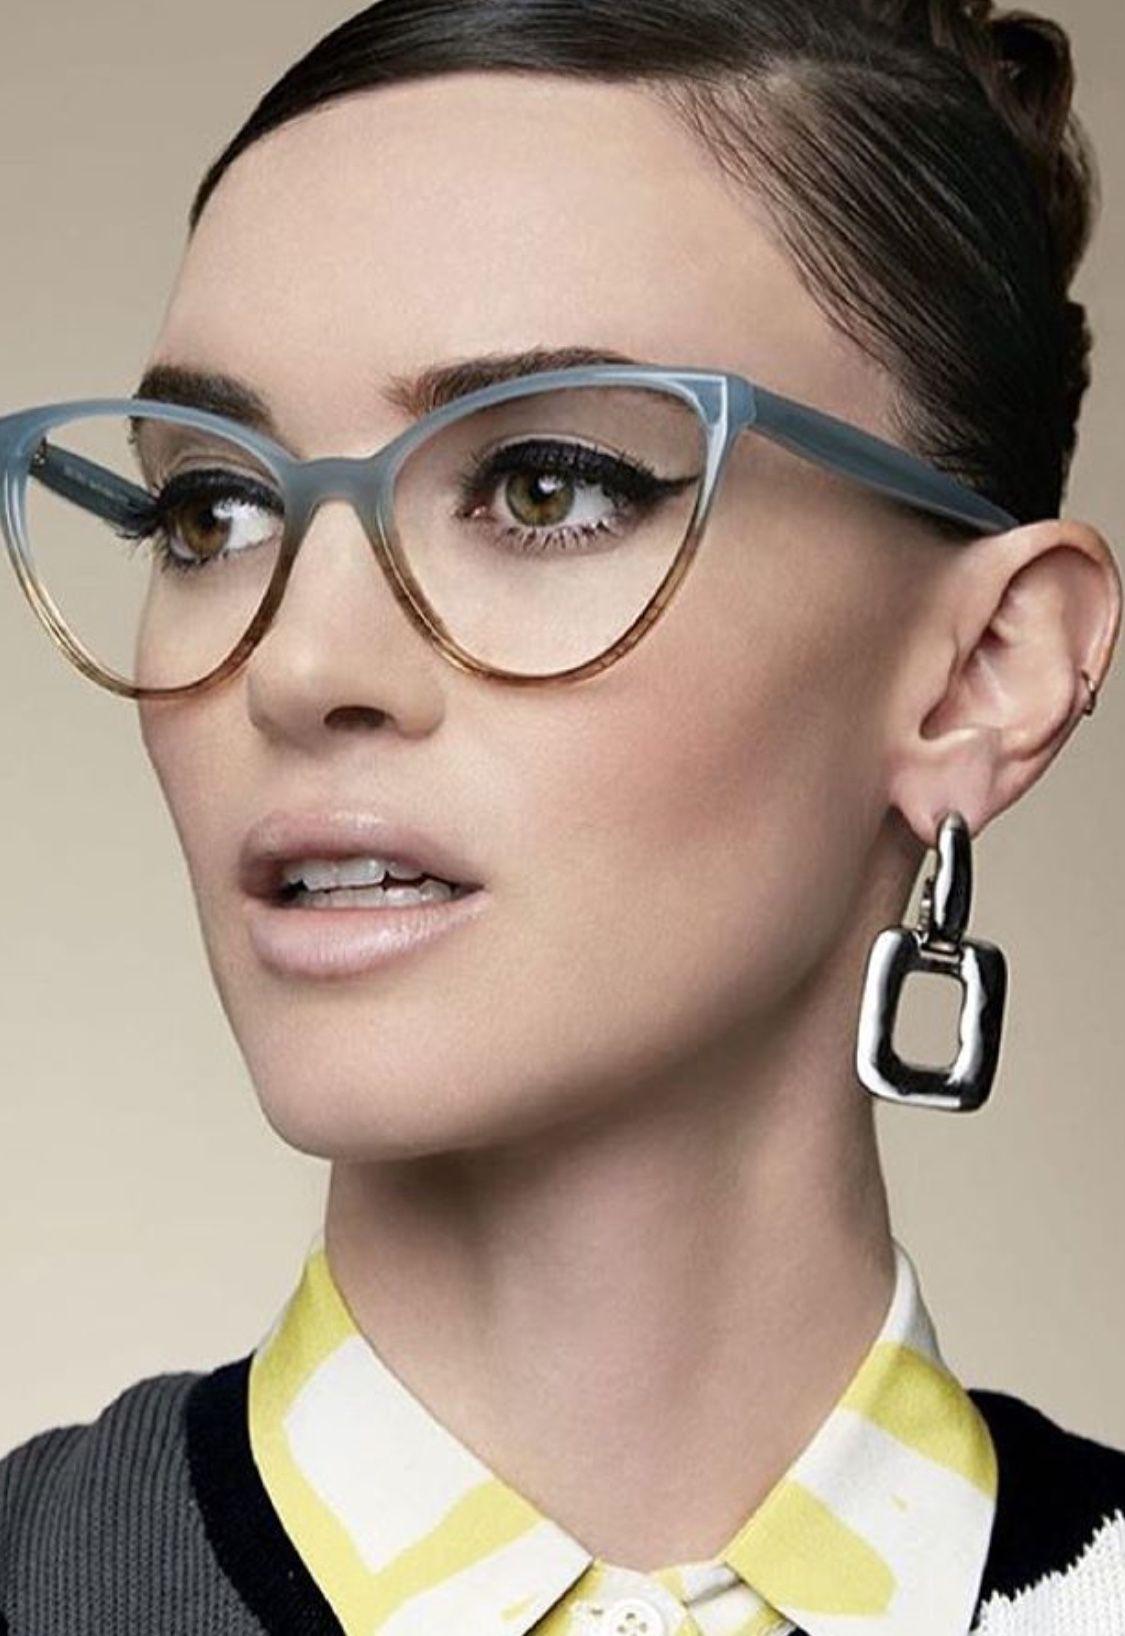 41bda8ccc3f5 Cat eye glasses